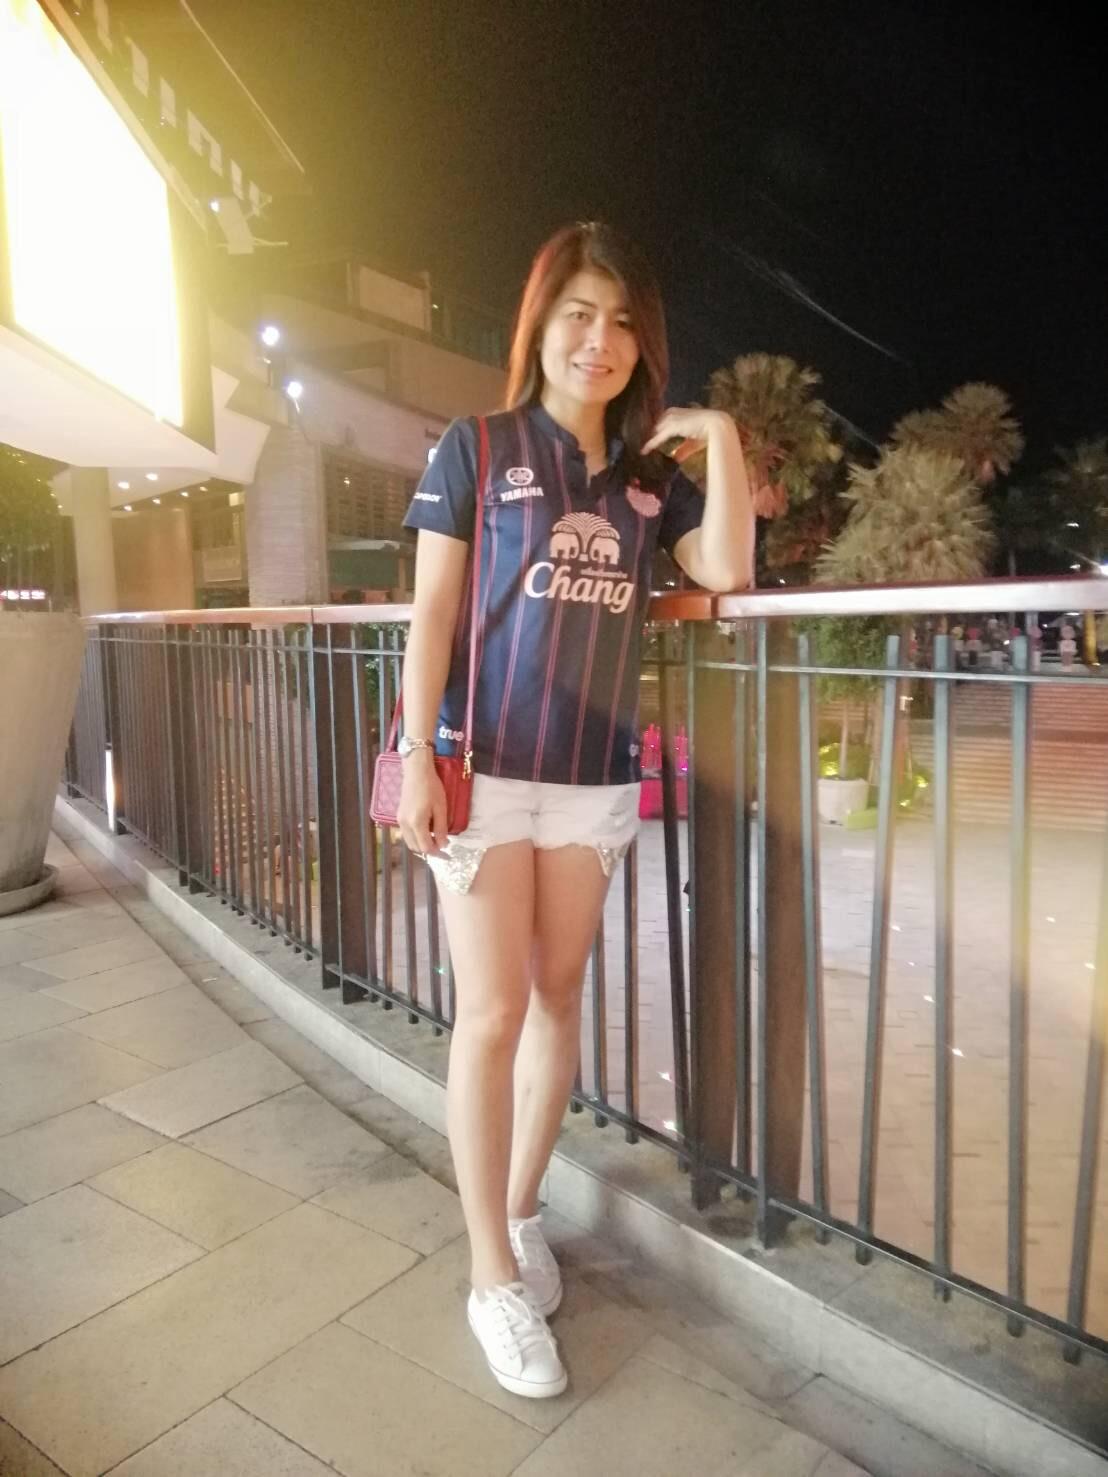 Seiten für thai dating